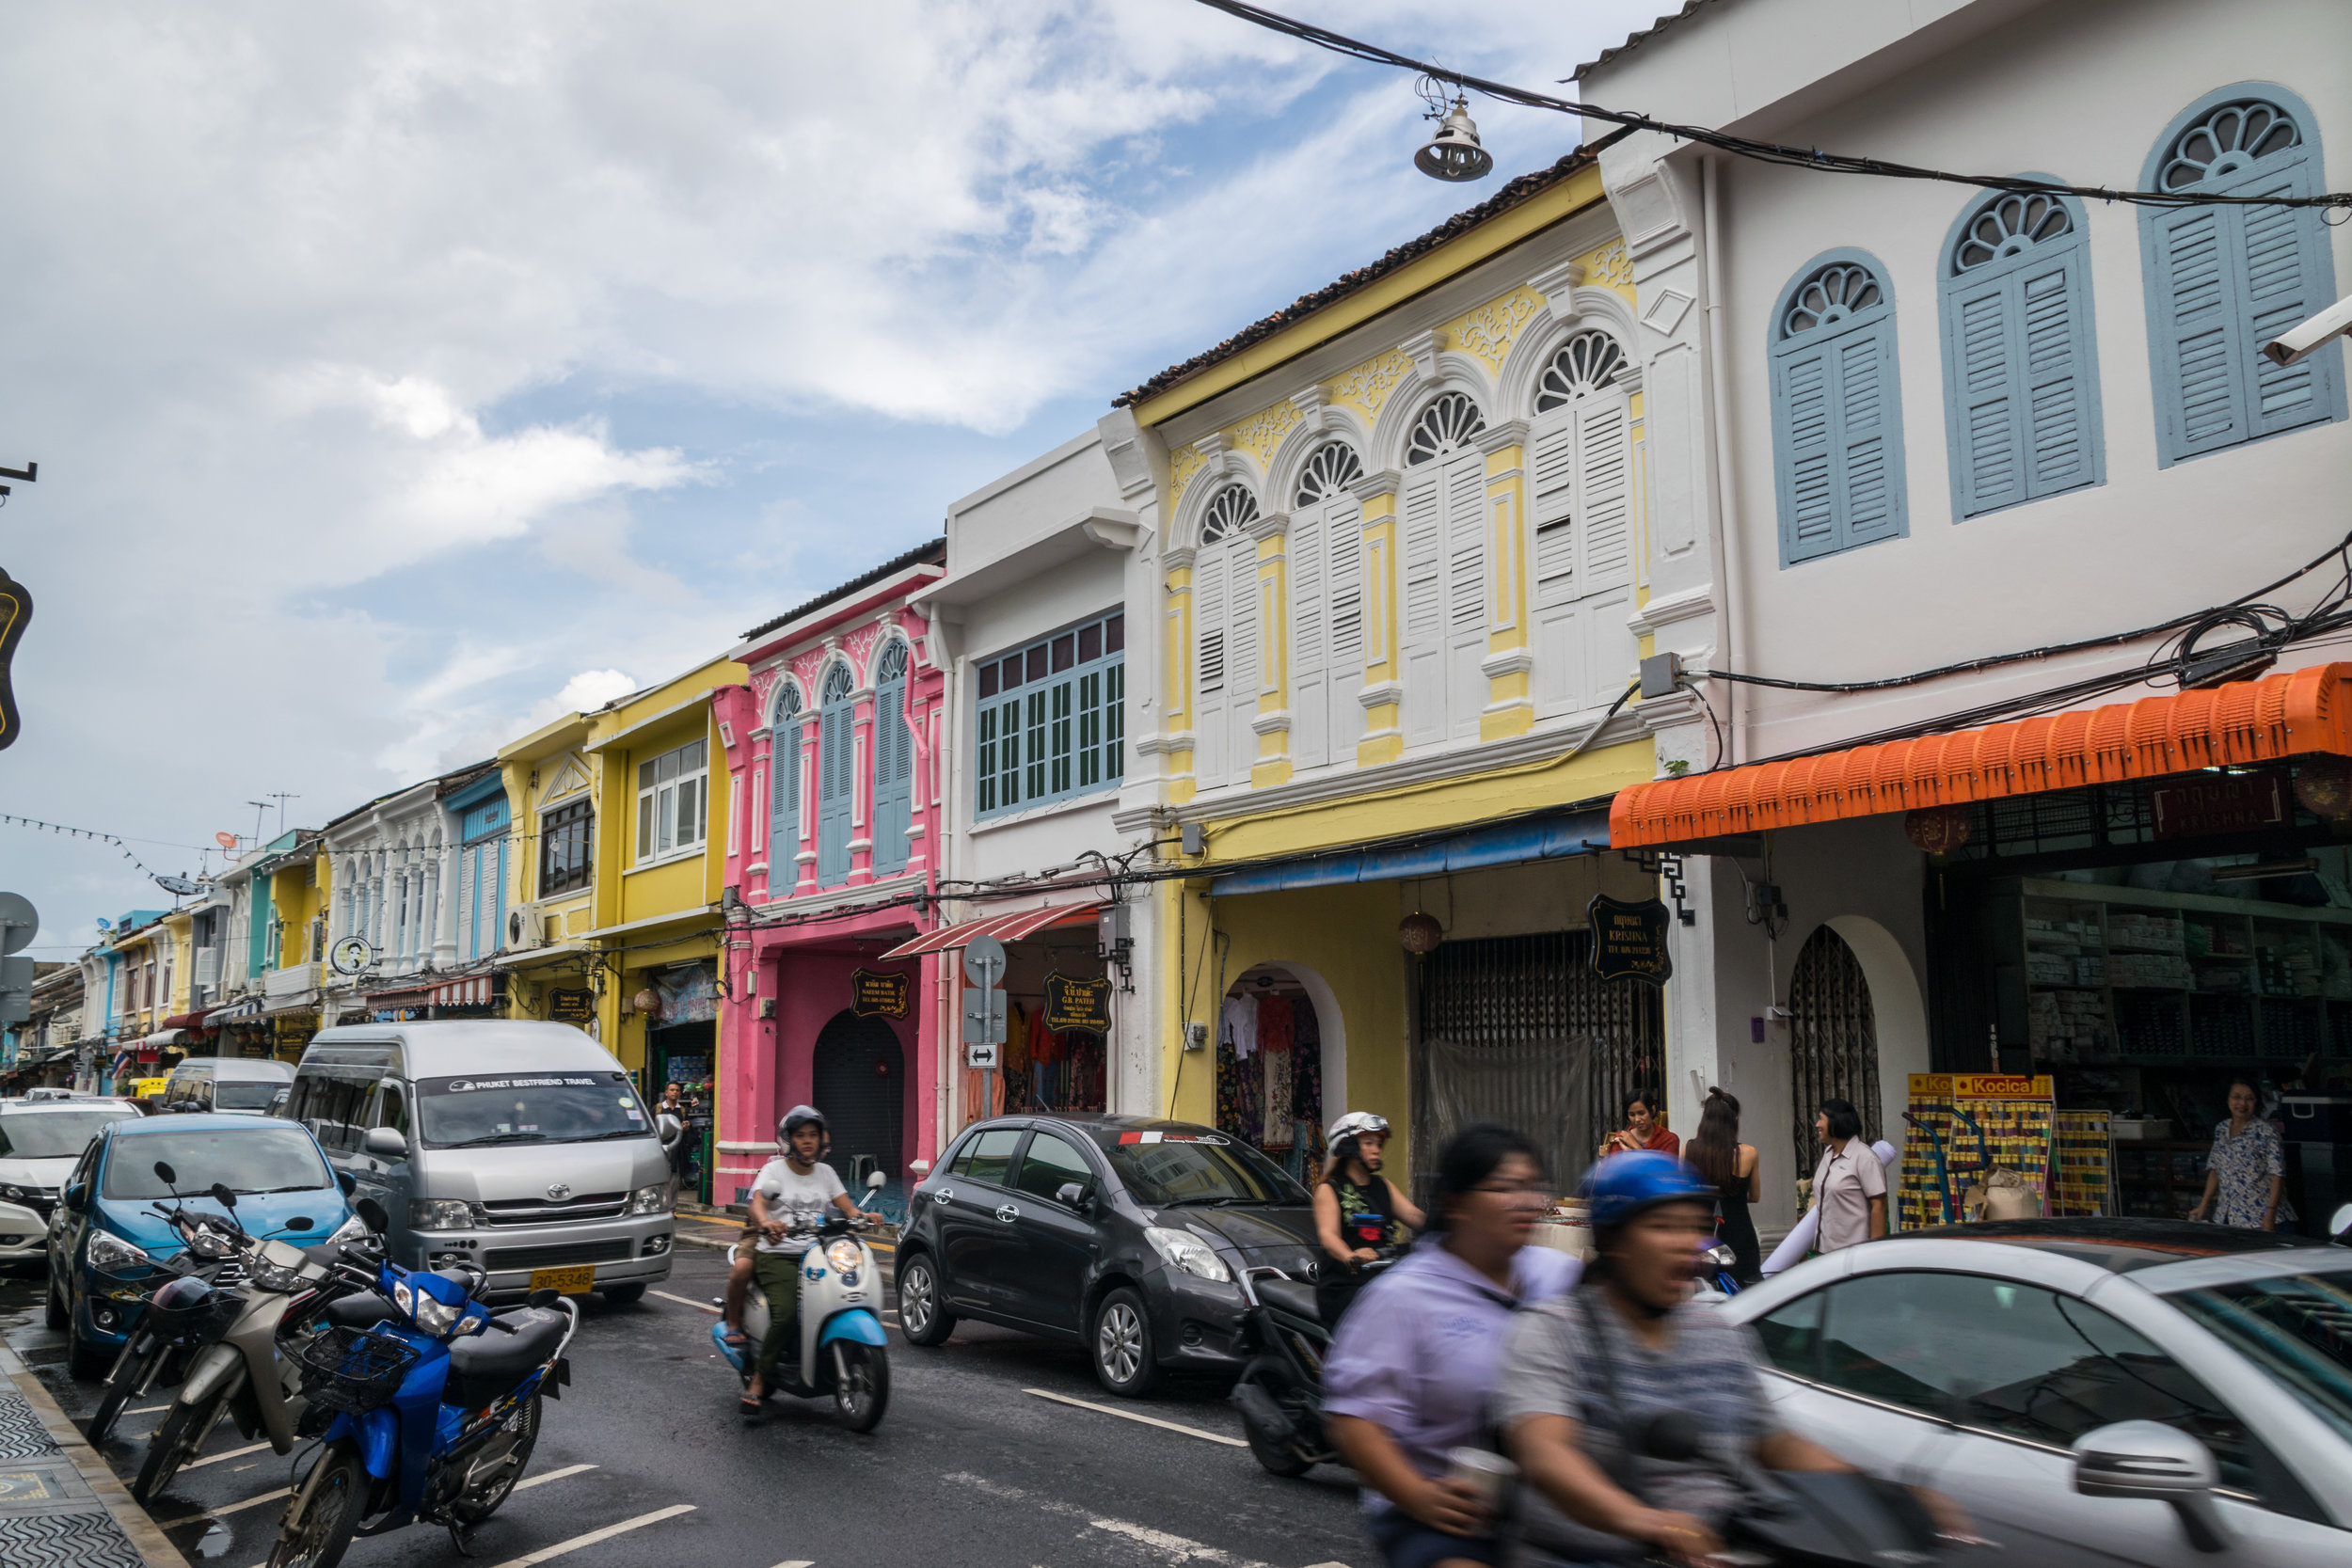 Phuket Old Town buildings-1.jpg